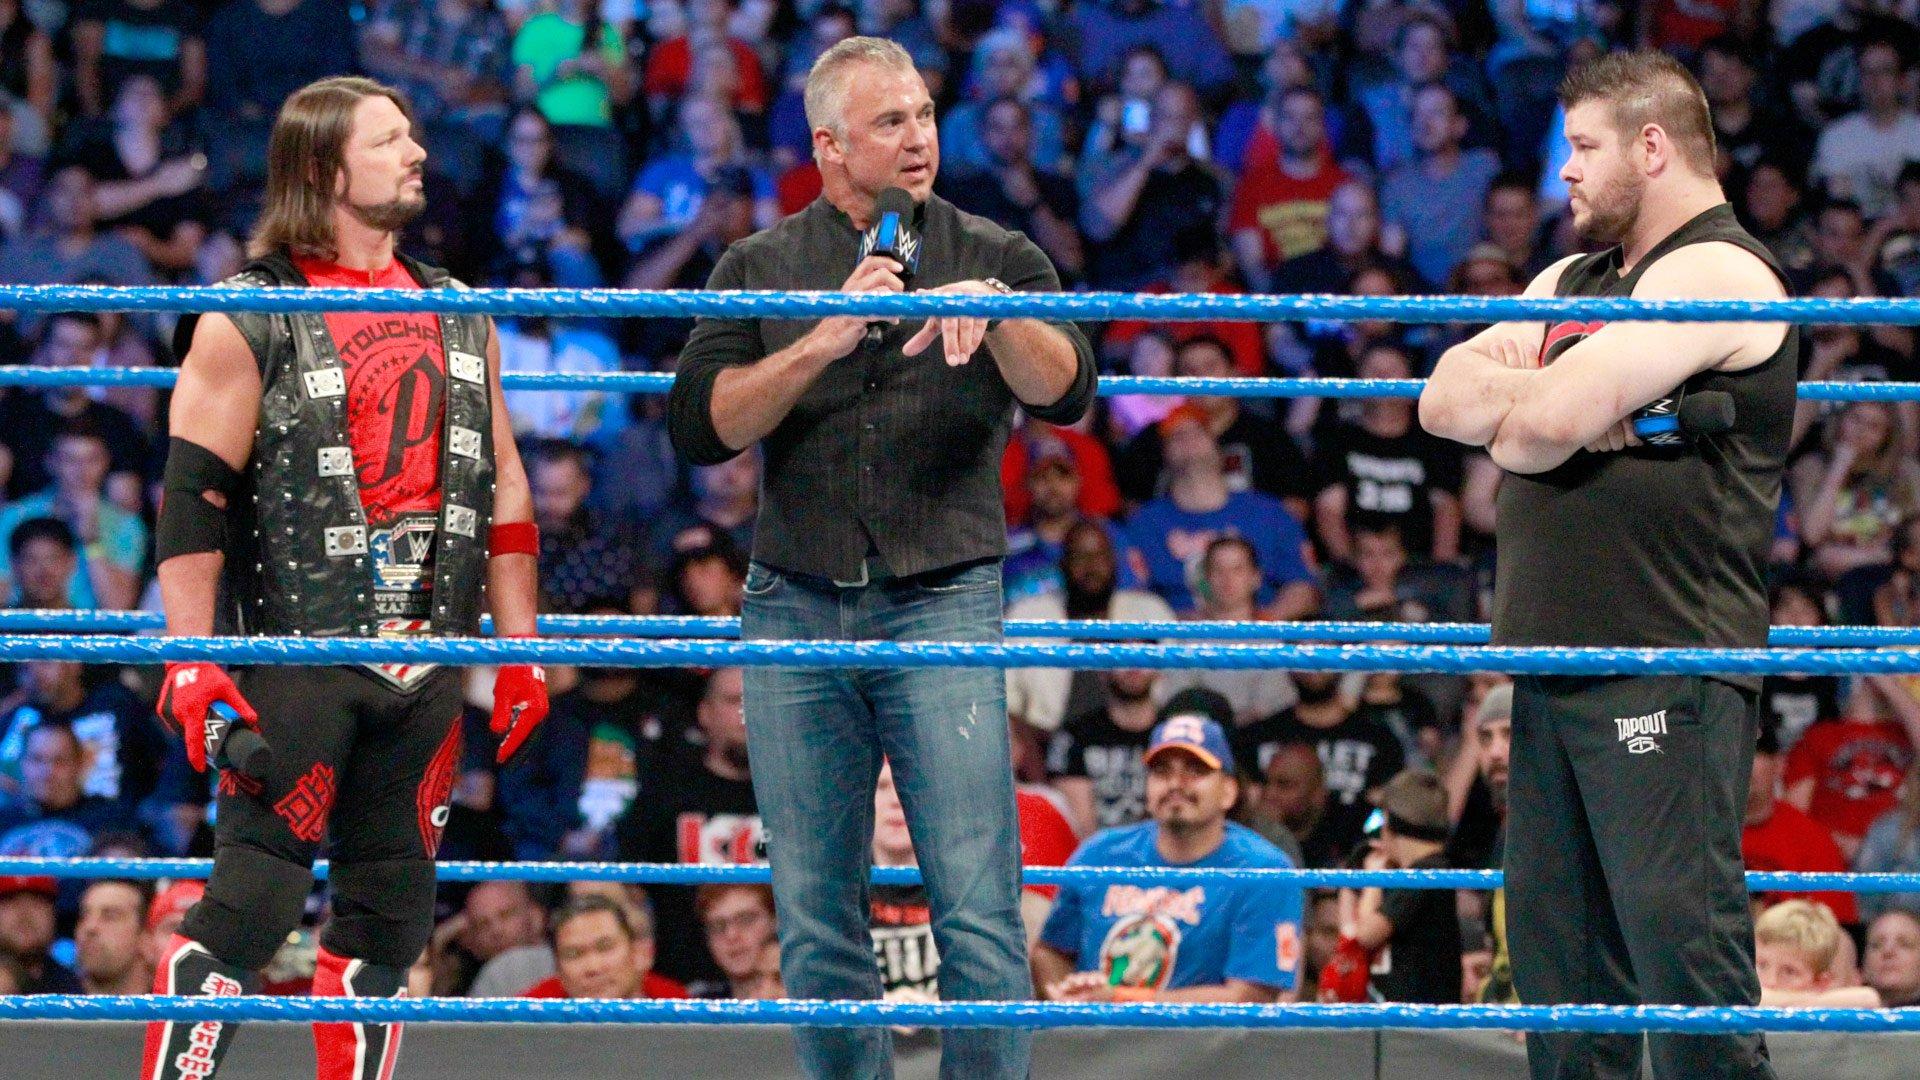 Shane McMahon wyjaśnia zasady: SmackDown LIVE 08.08.17